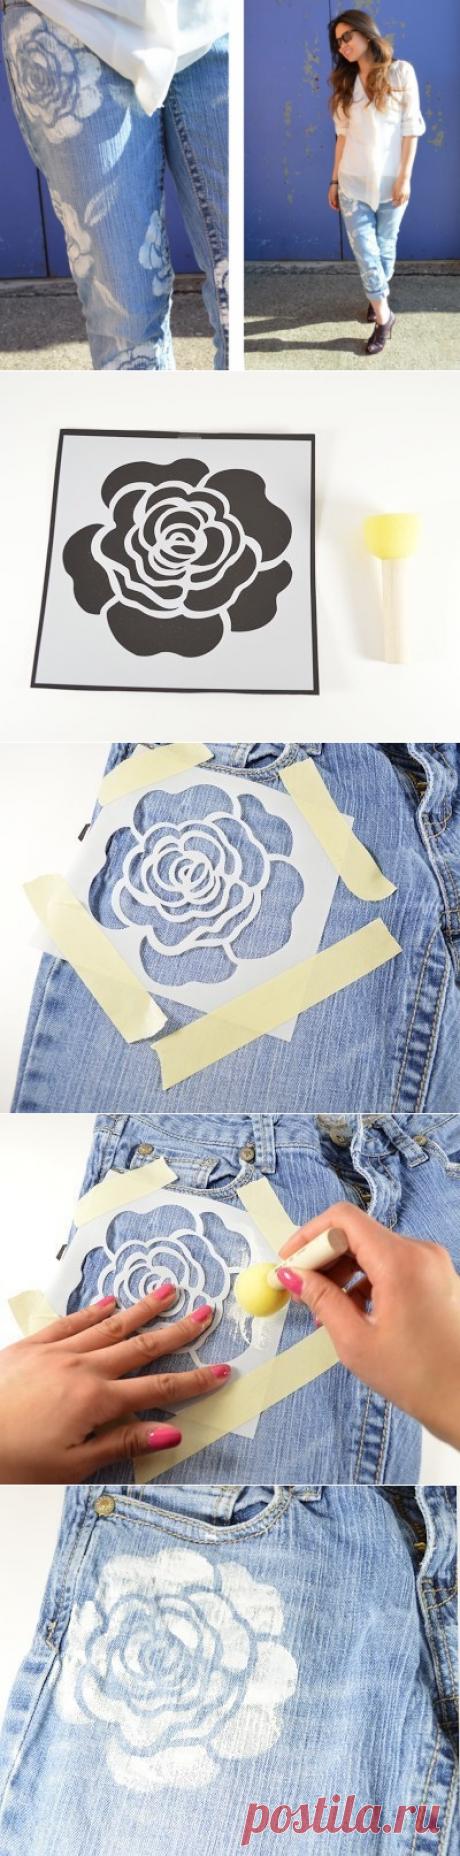 Роспись джинсовой одежды.